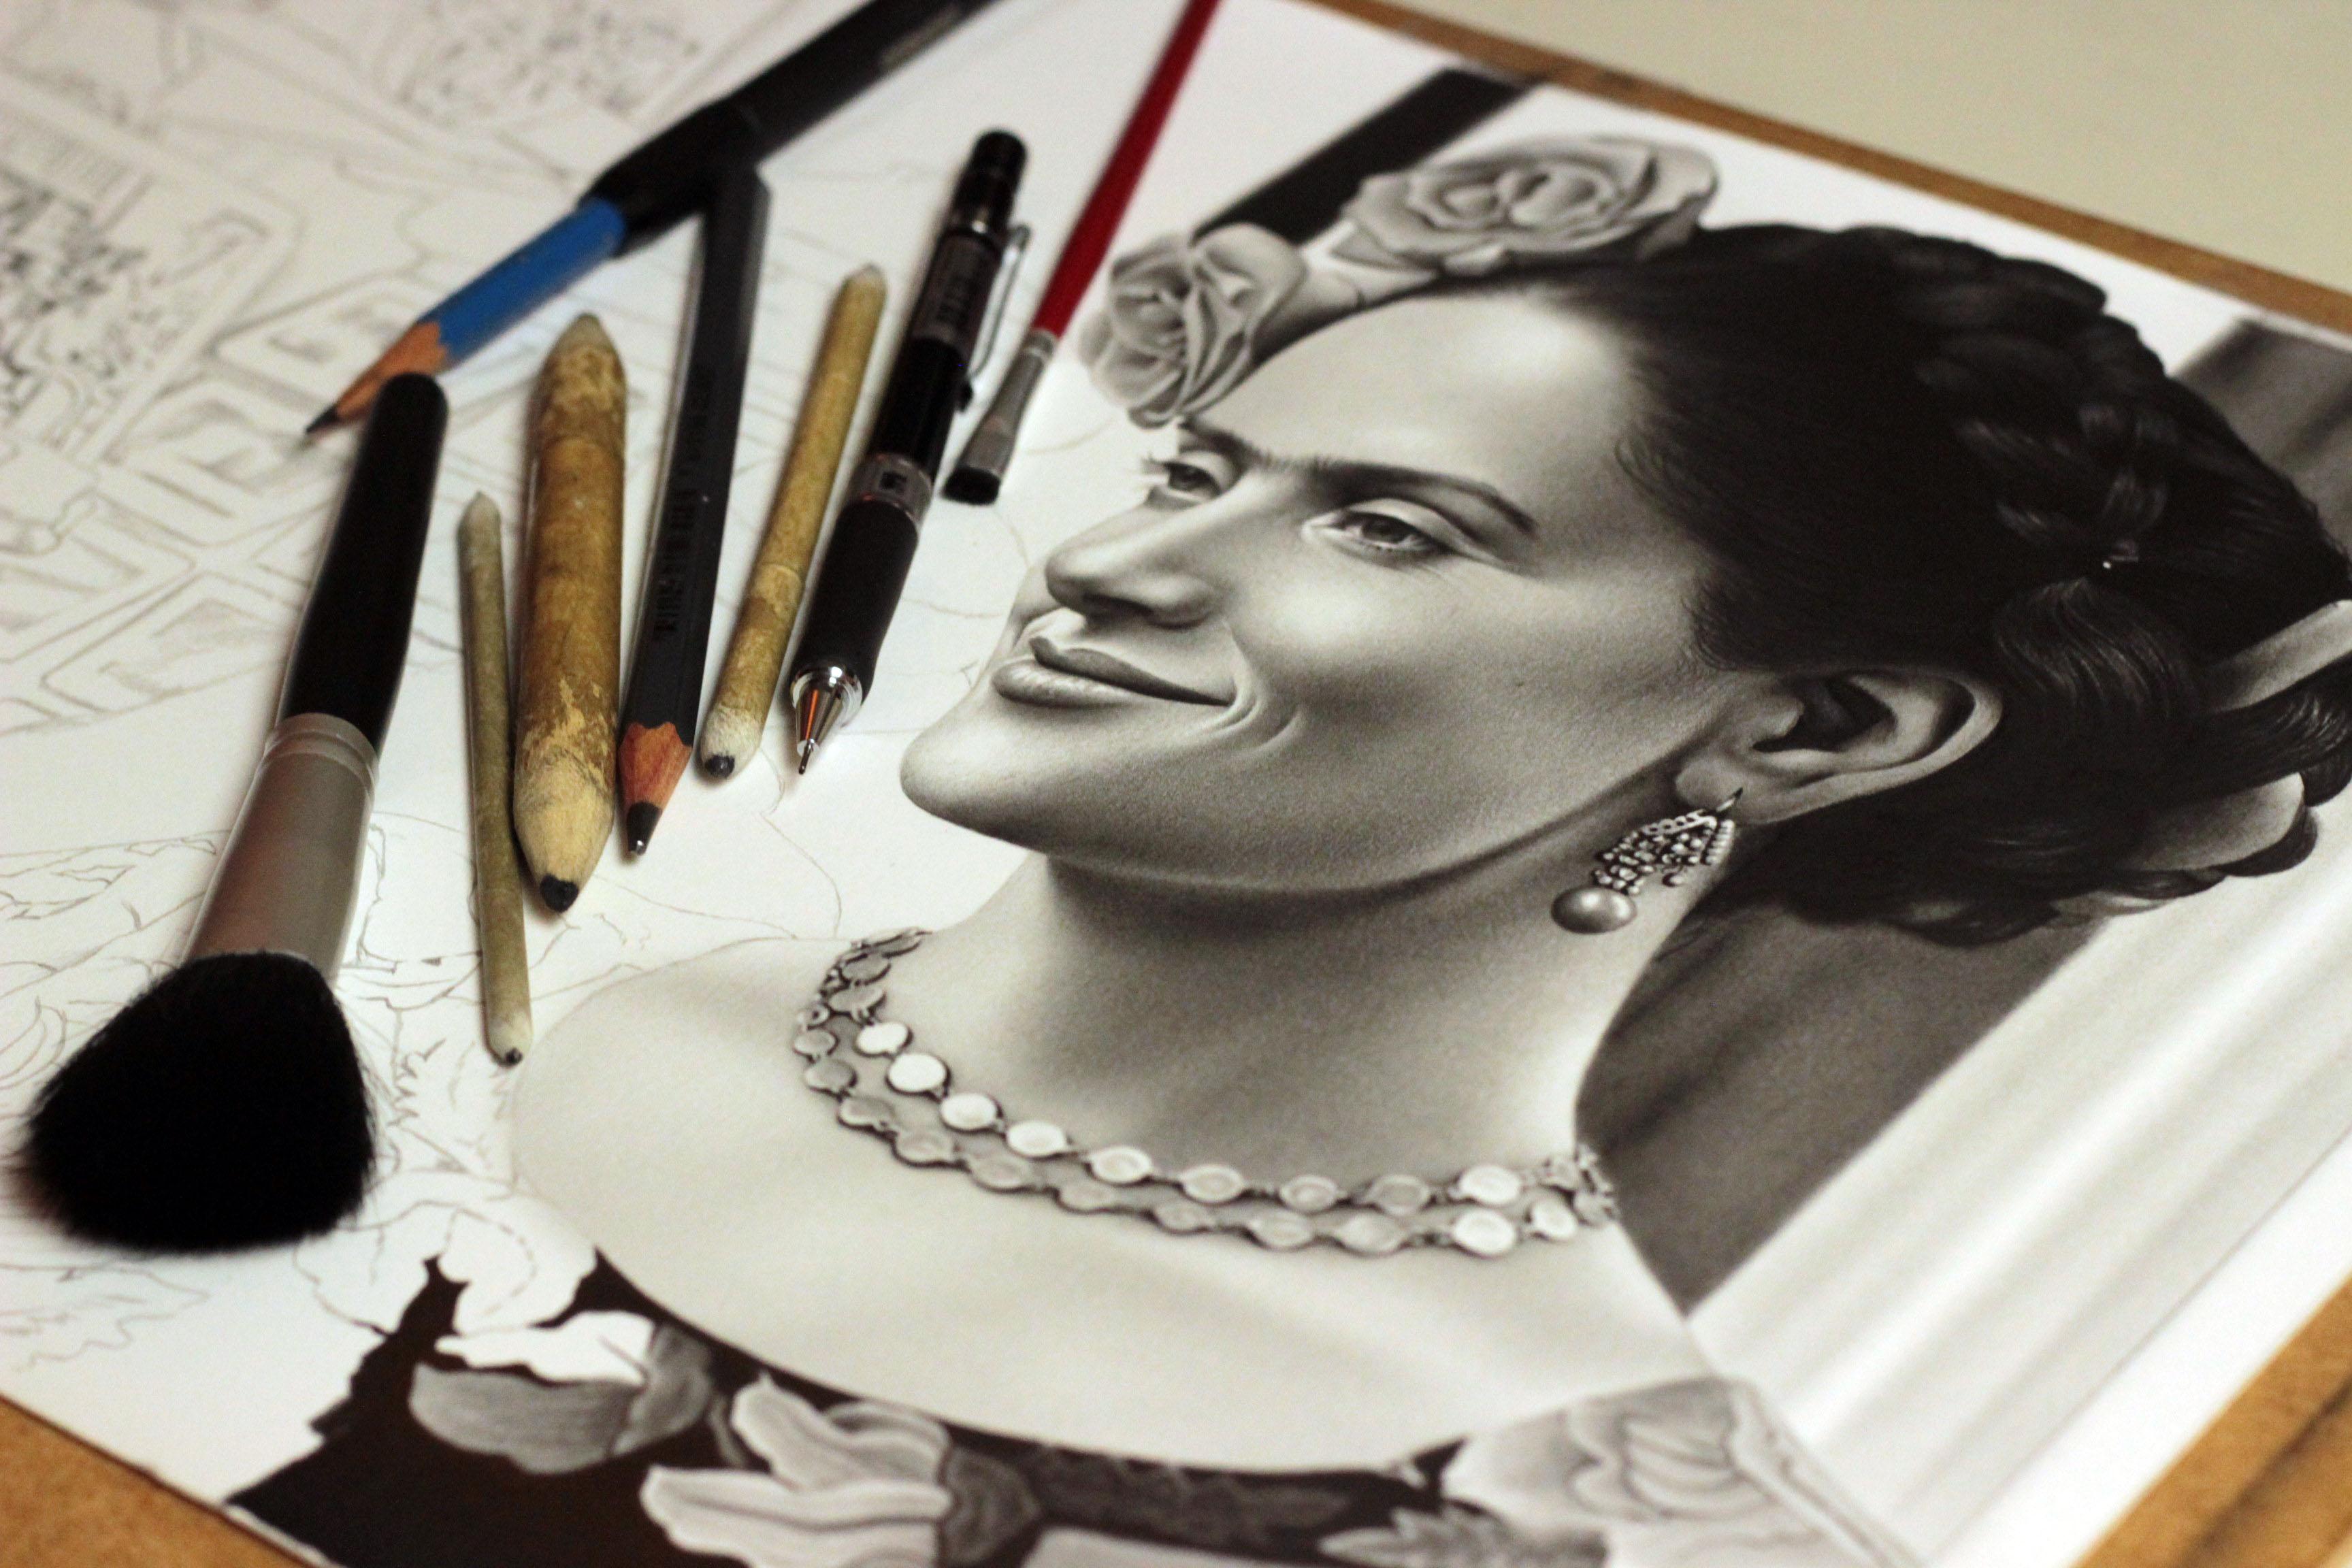 Trabalhar com desenho